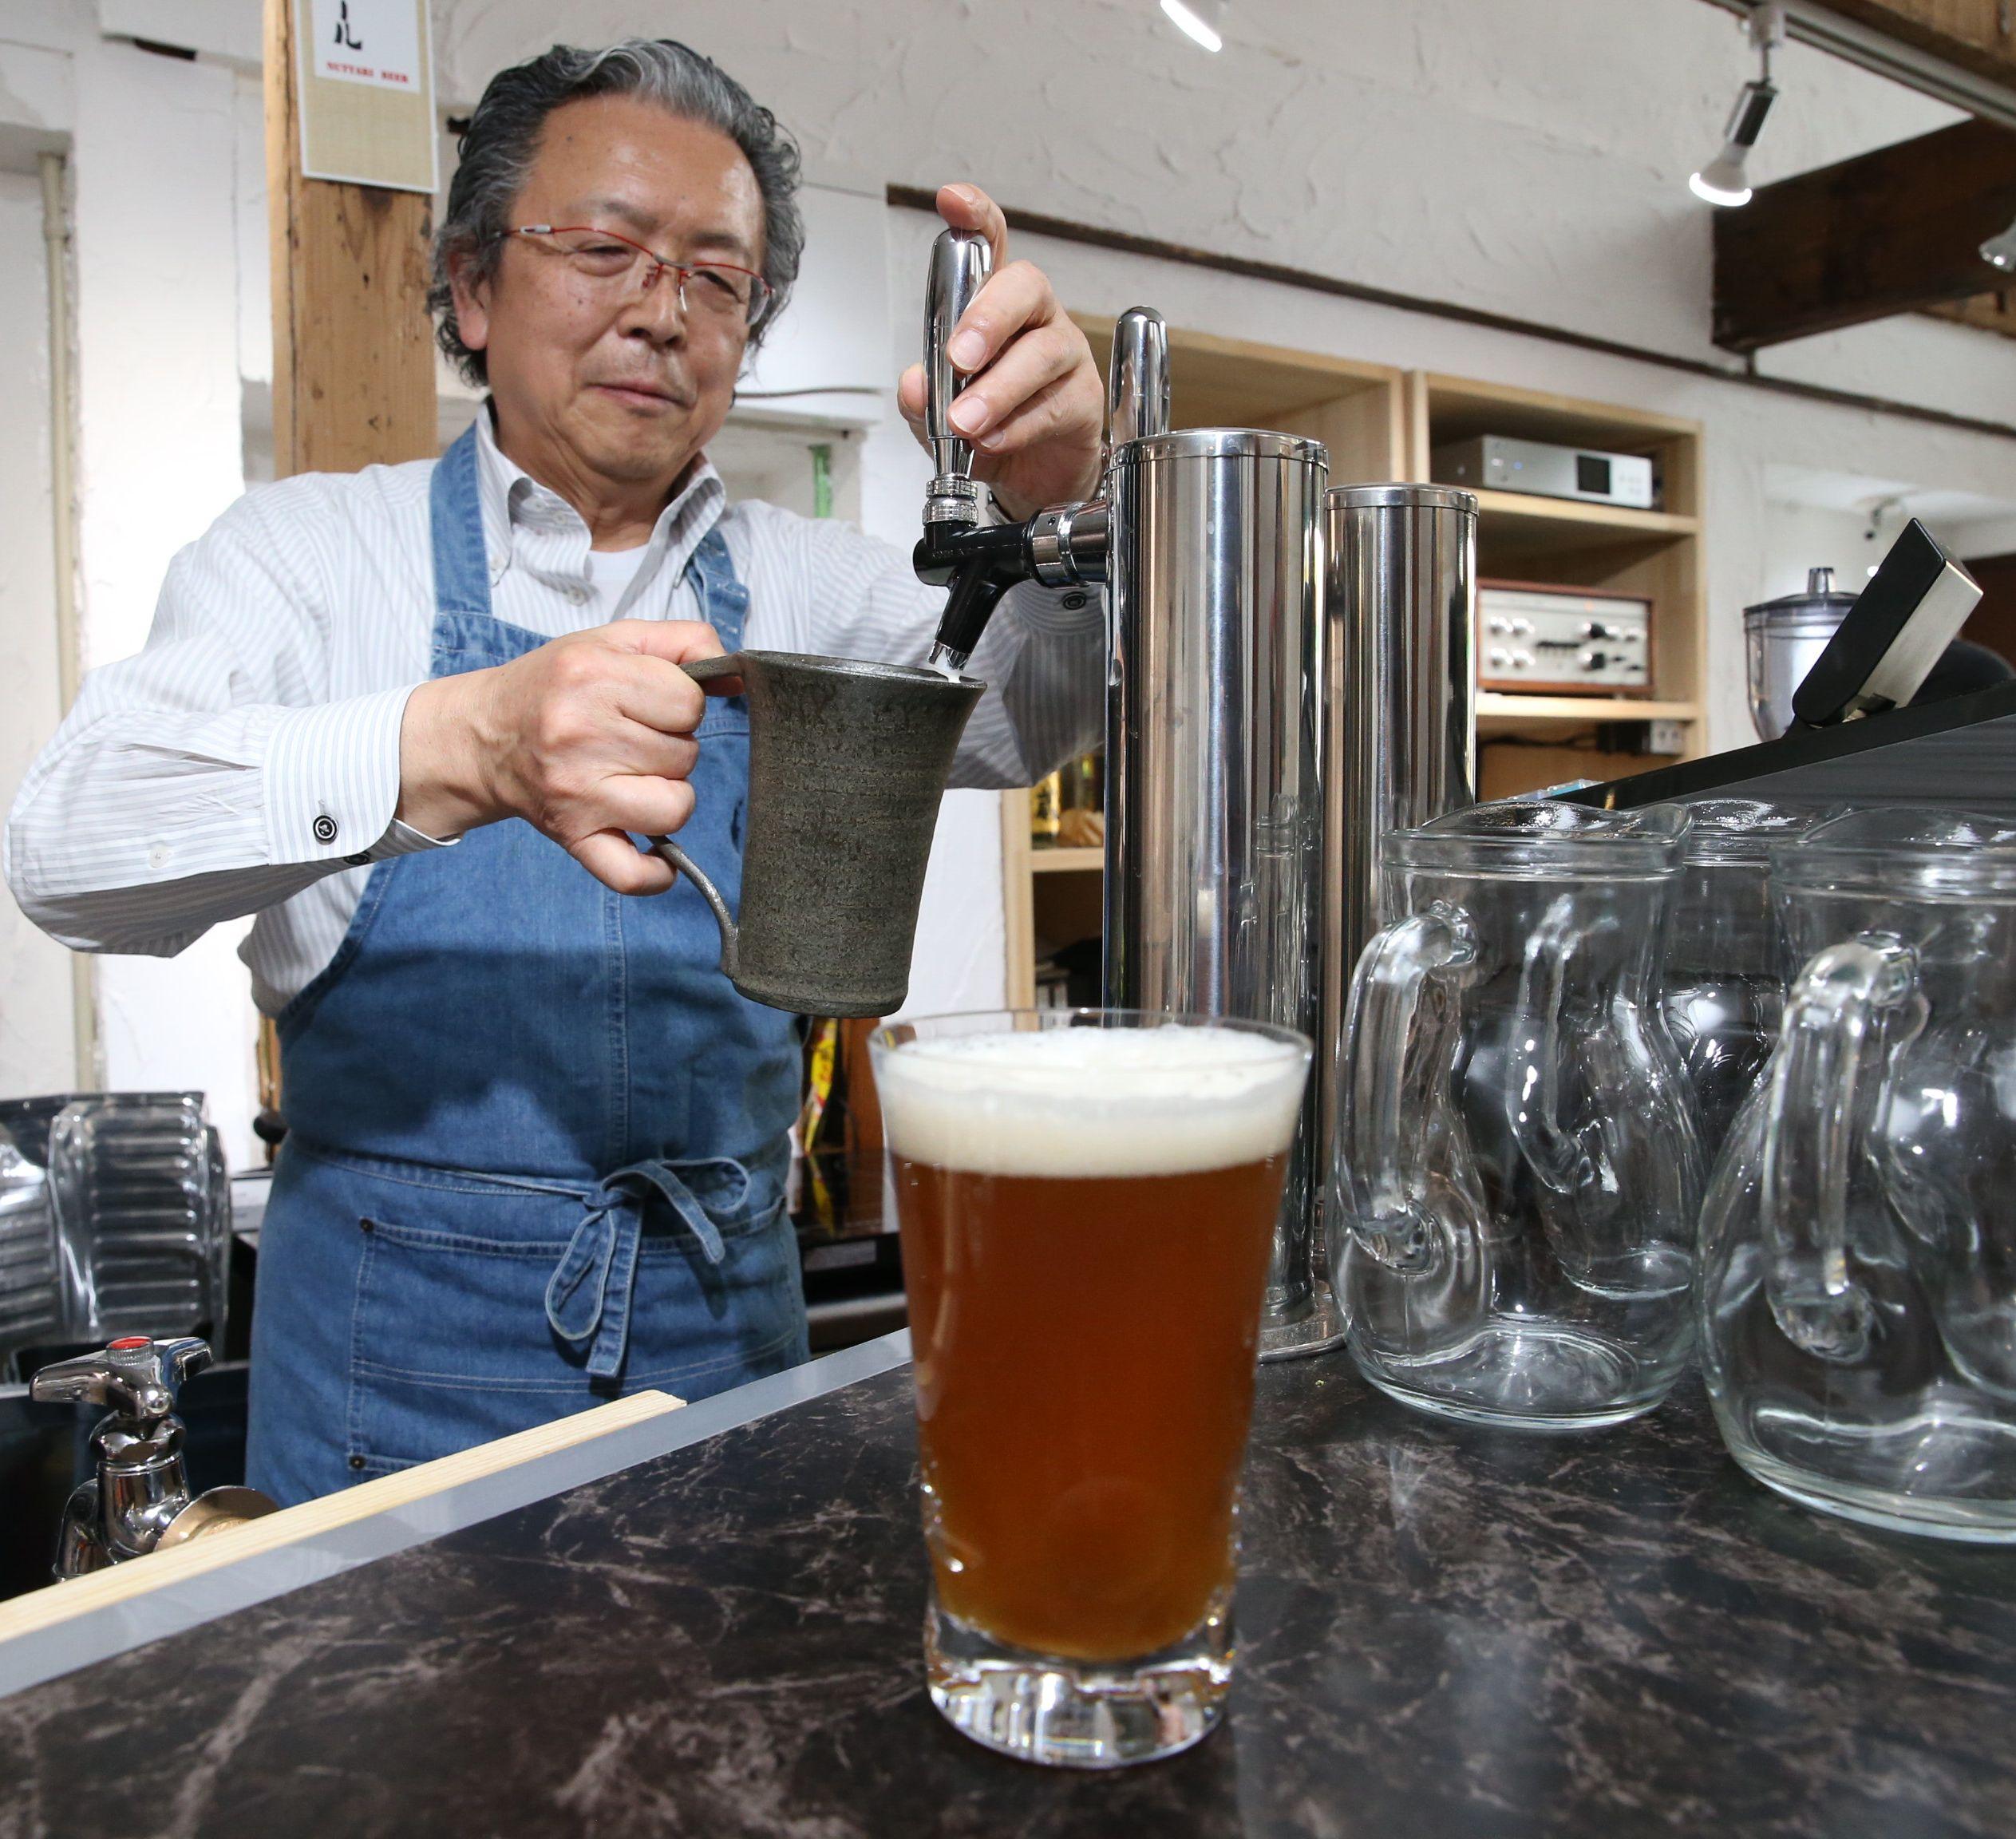 ろ過をしないため、うっすらと濁りがある沼垂ビール。深いこくが特徴だ=新潟市中央区